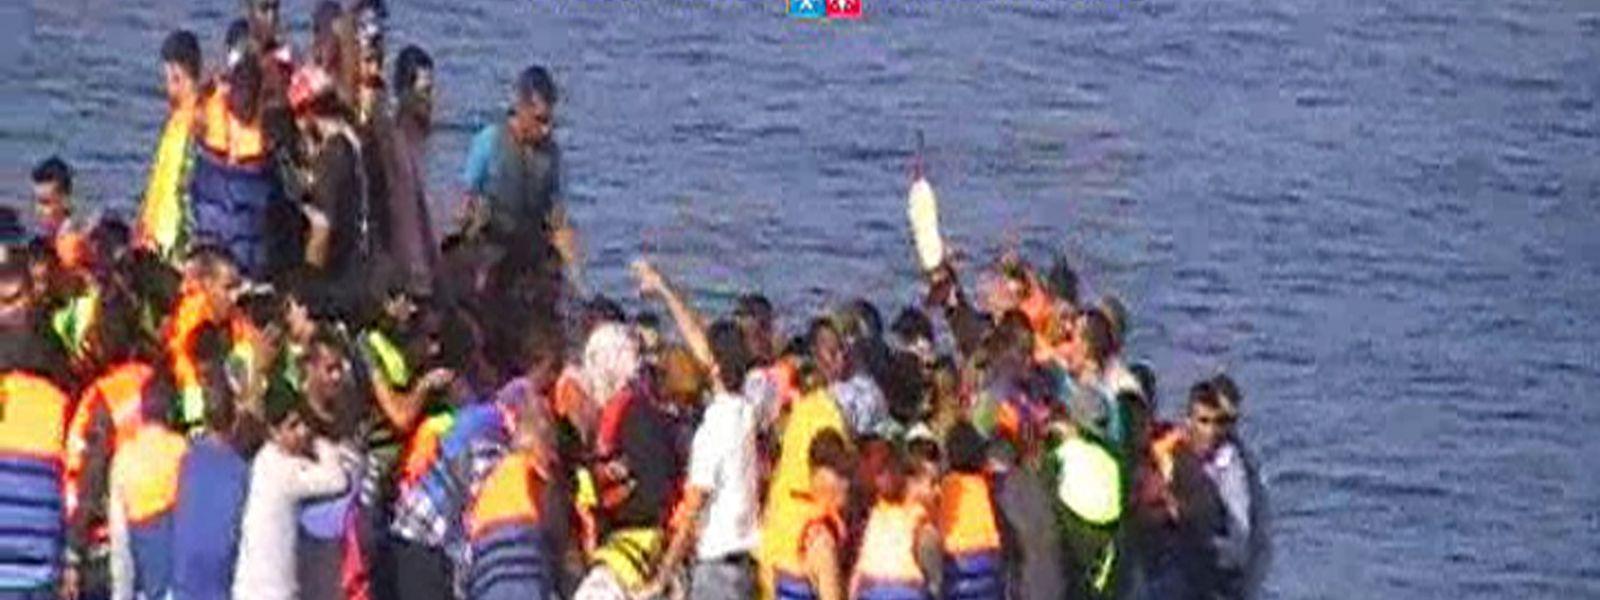 Seit Jahresbeginn kamen nach Angaben der Internationalen Organisation für Migration rund 2300 Flüchtlinge im Mittelmeer ums Leben.